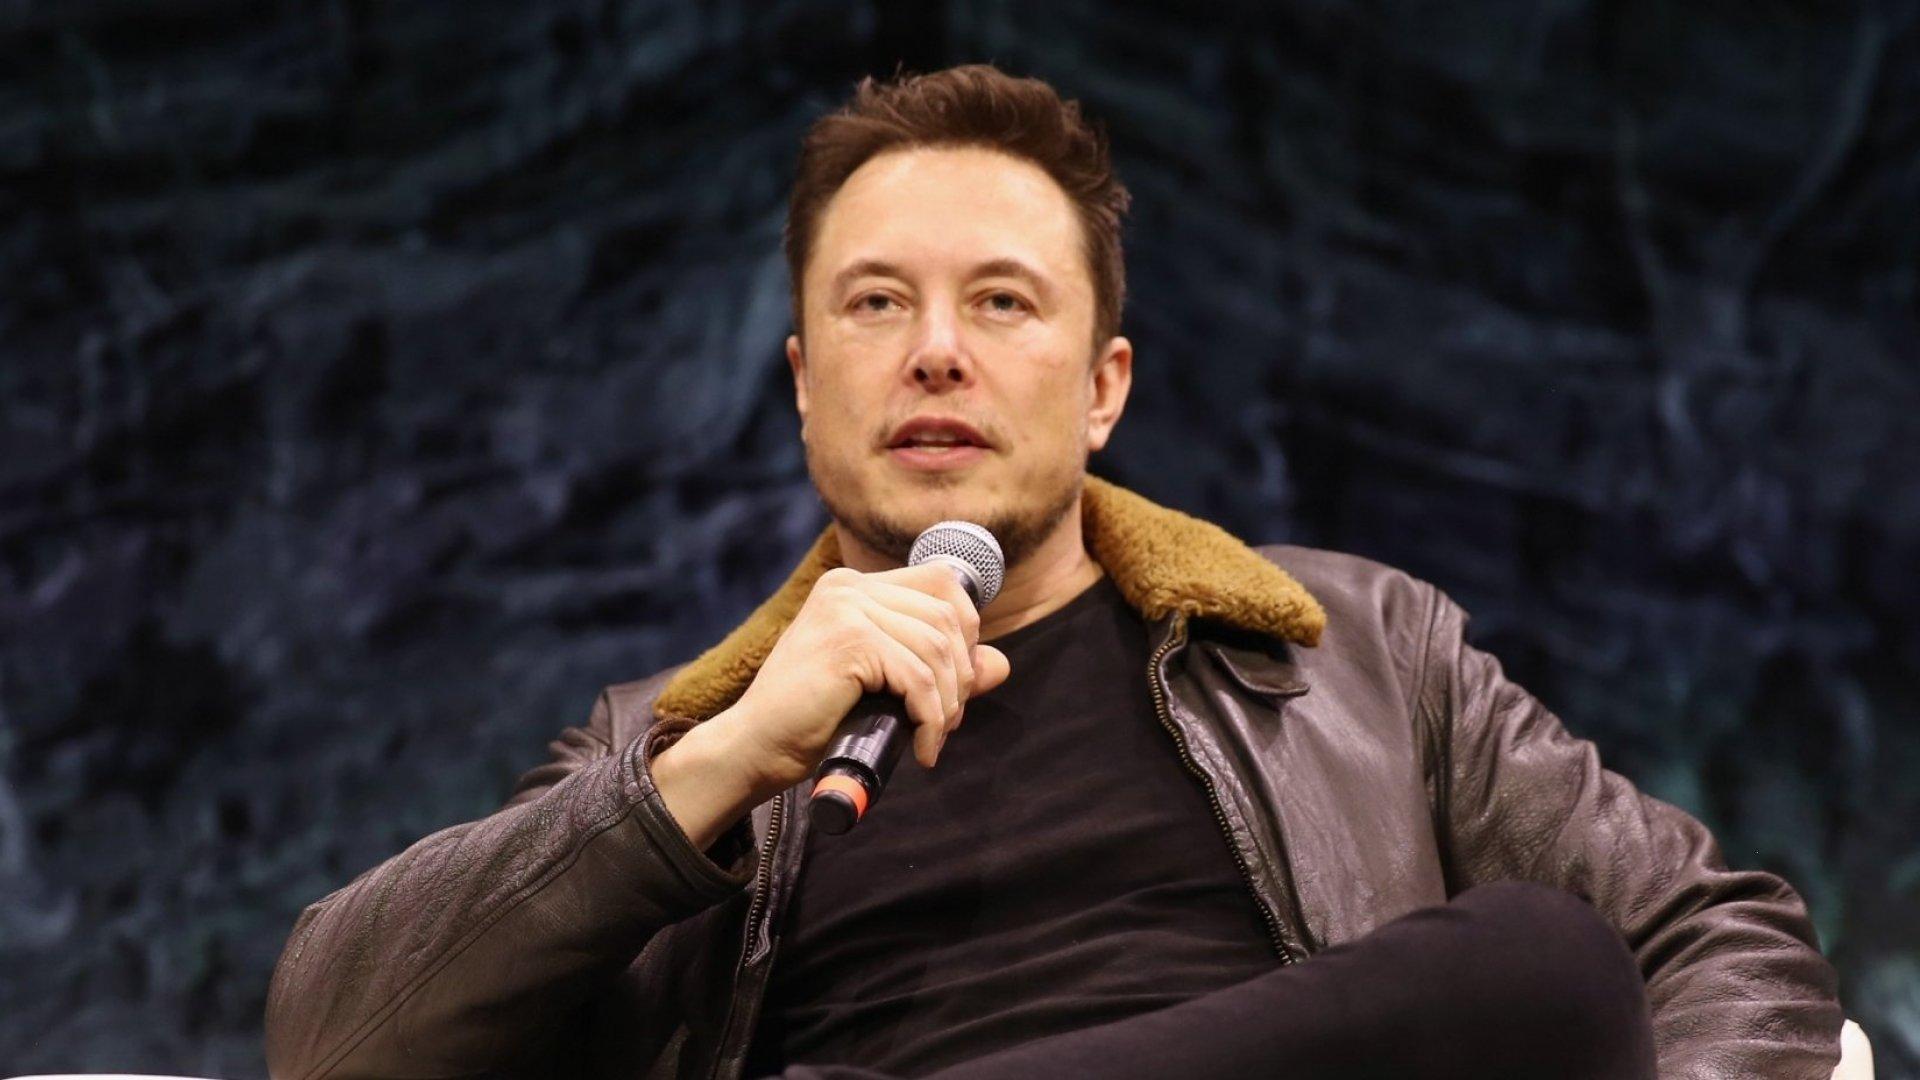 Best Photos of Elon Musk